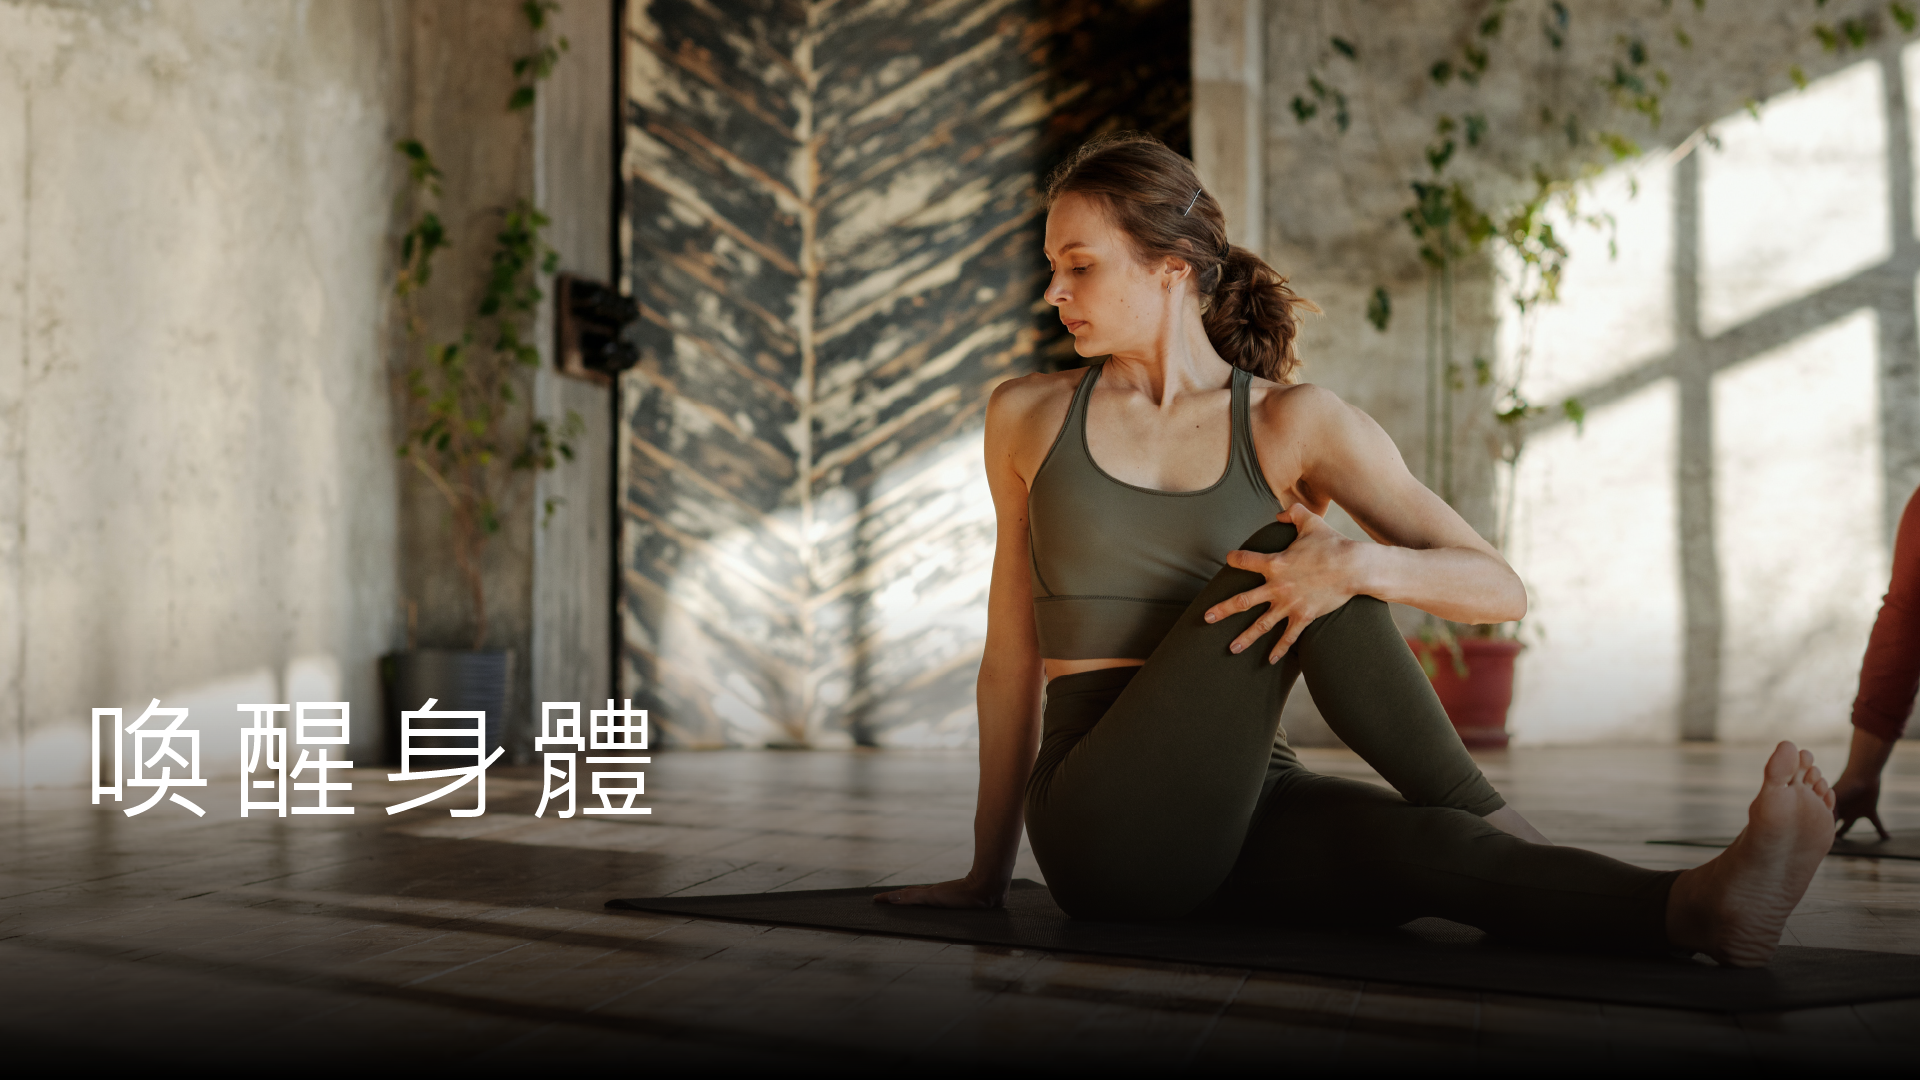 喚醒身體 平常沒在運動的你,趁著 14 天與身體對話吧!